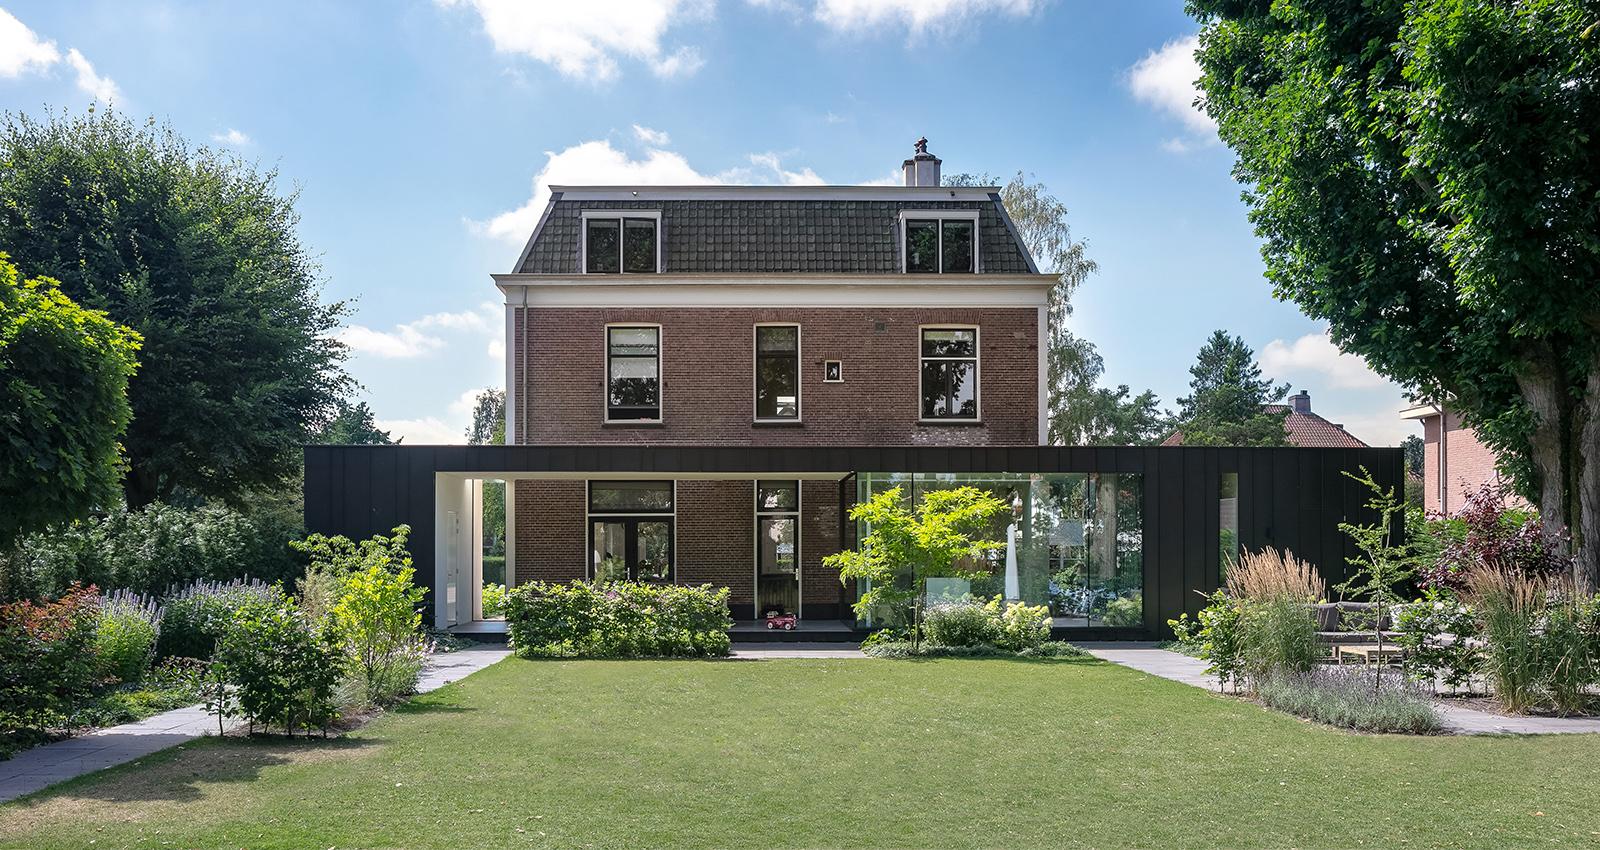 Kraal architecten - Renovatie villa